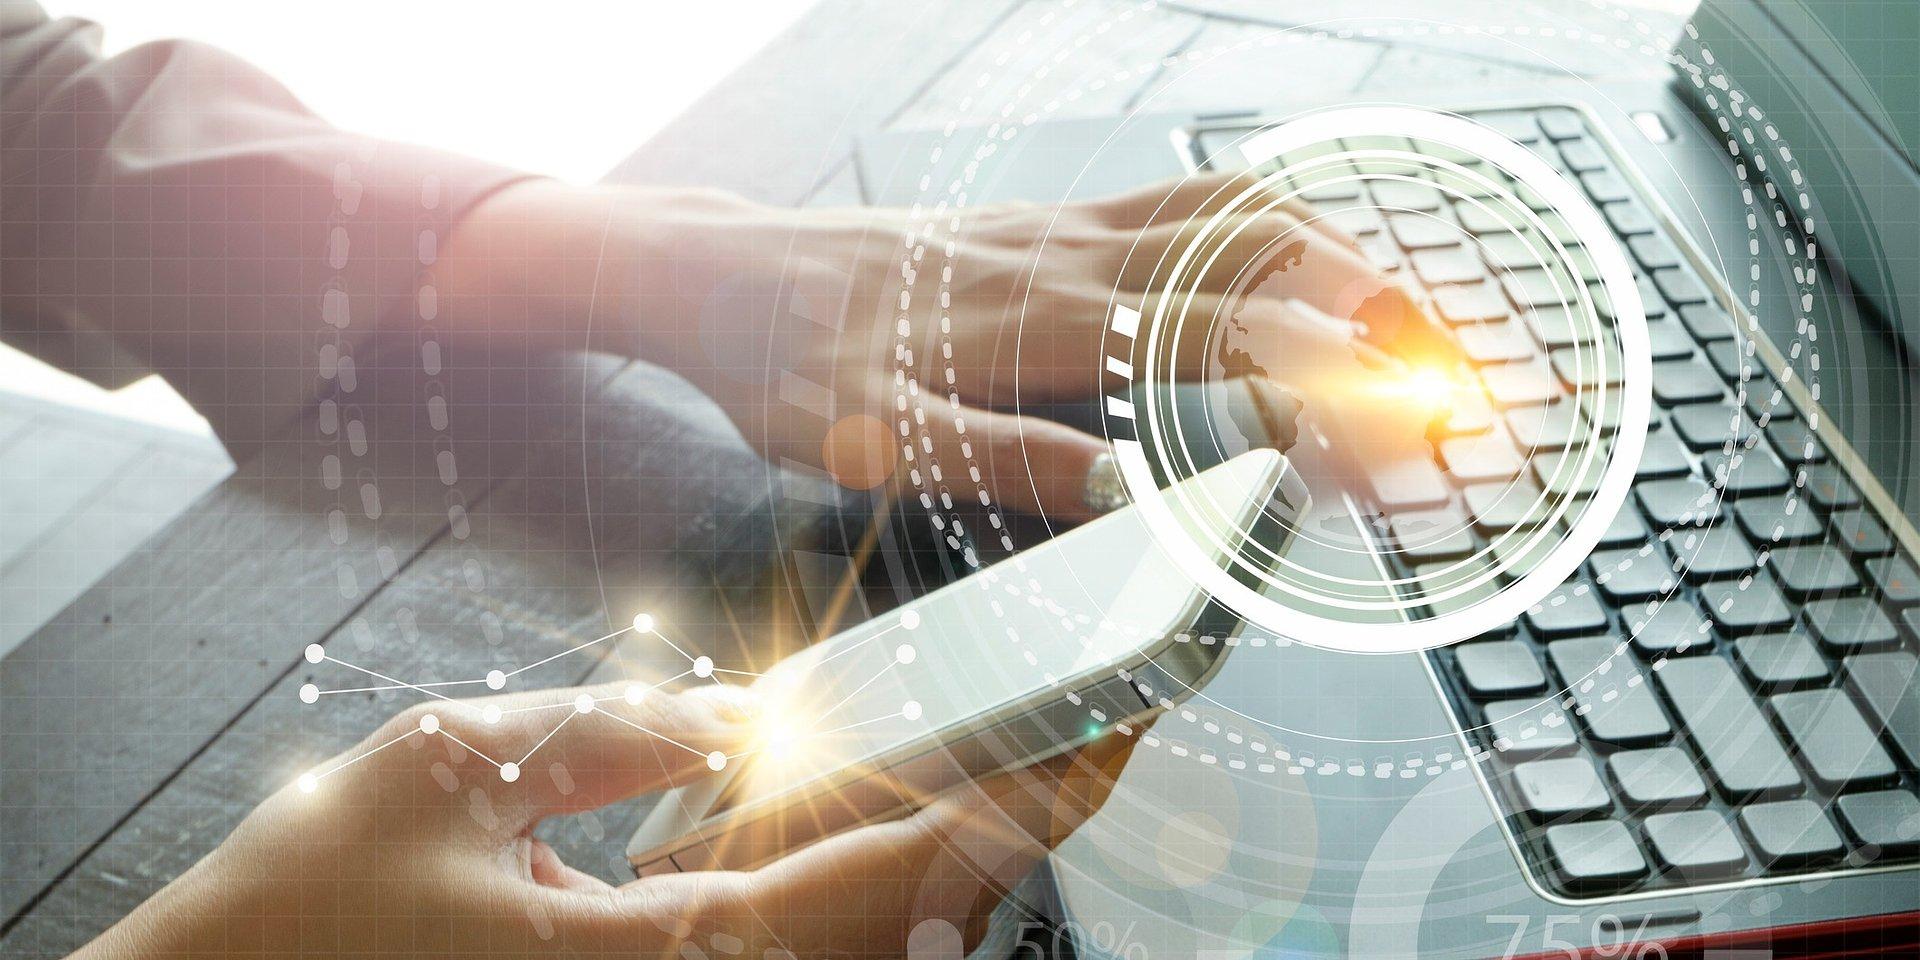 Citi Handlowy wprowadza automatyczne rozliczenie płatności w walutach obcych